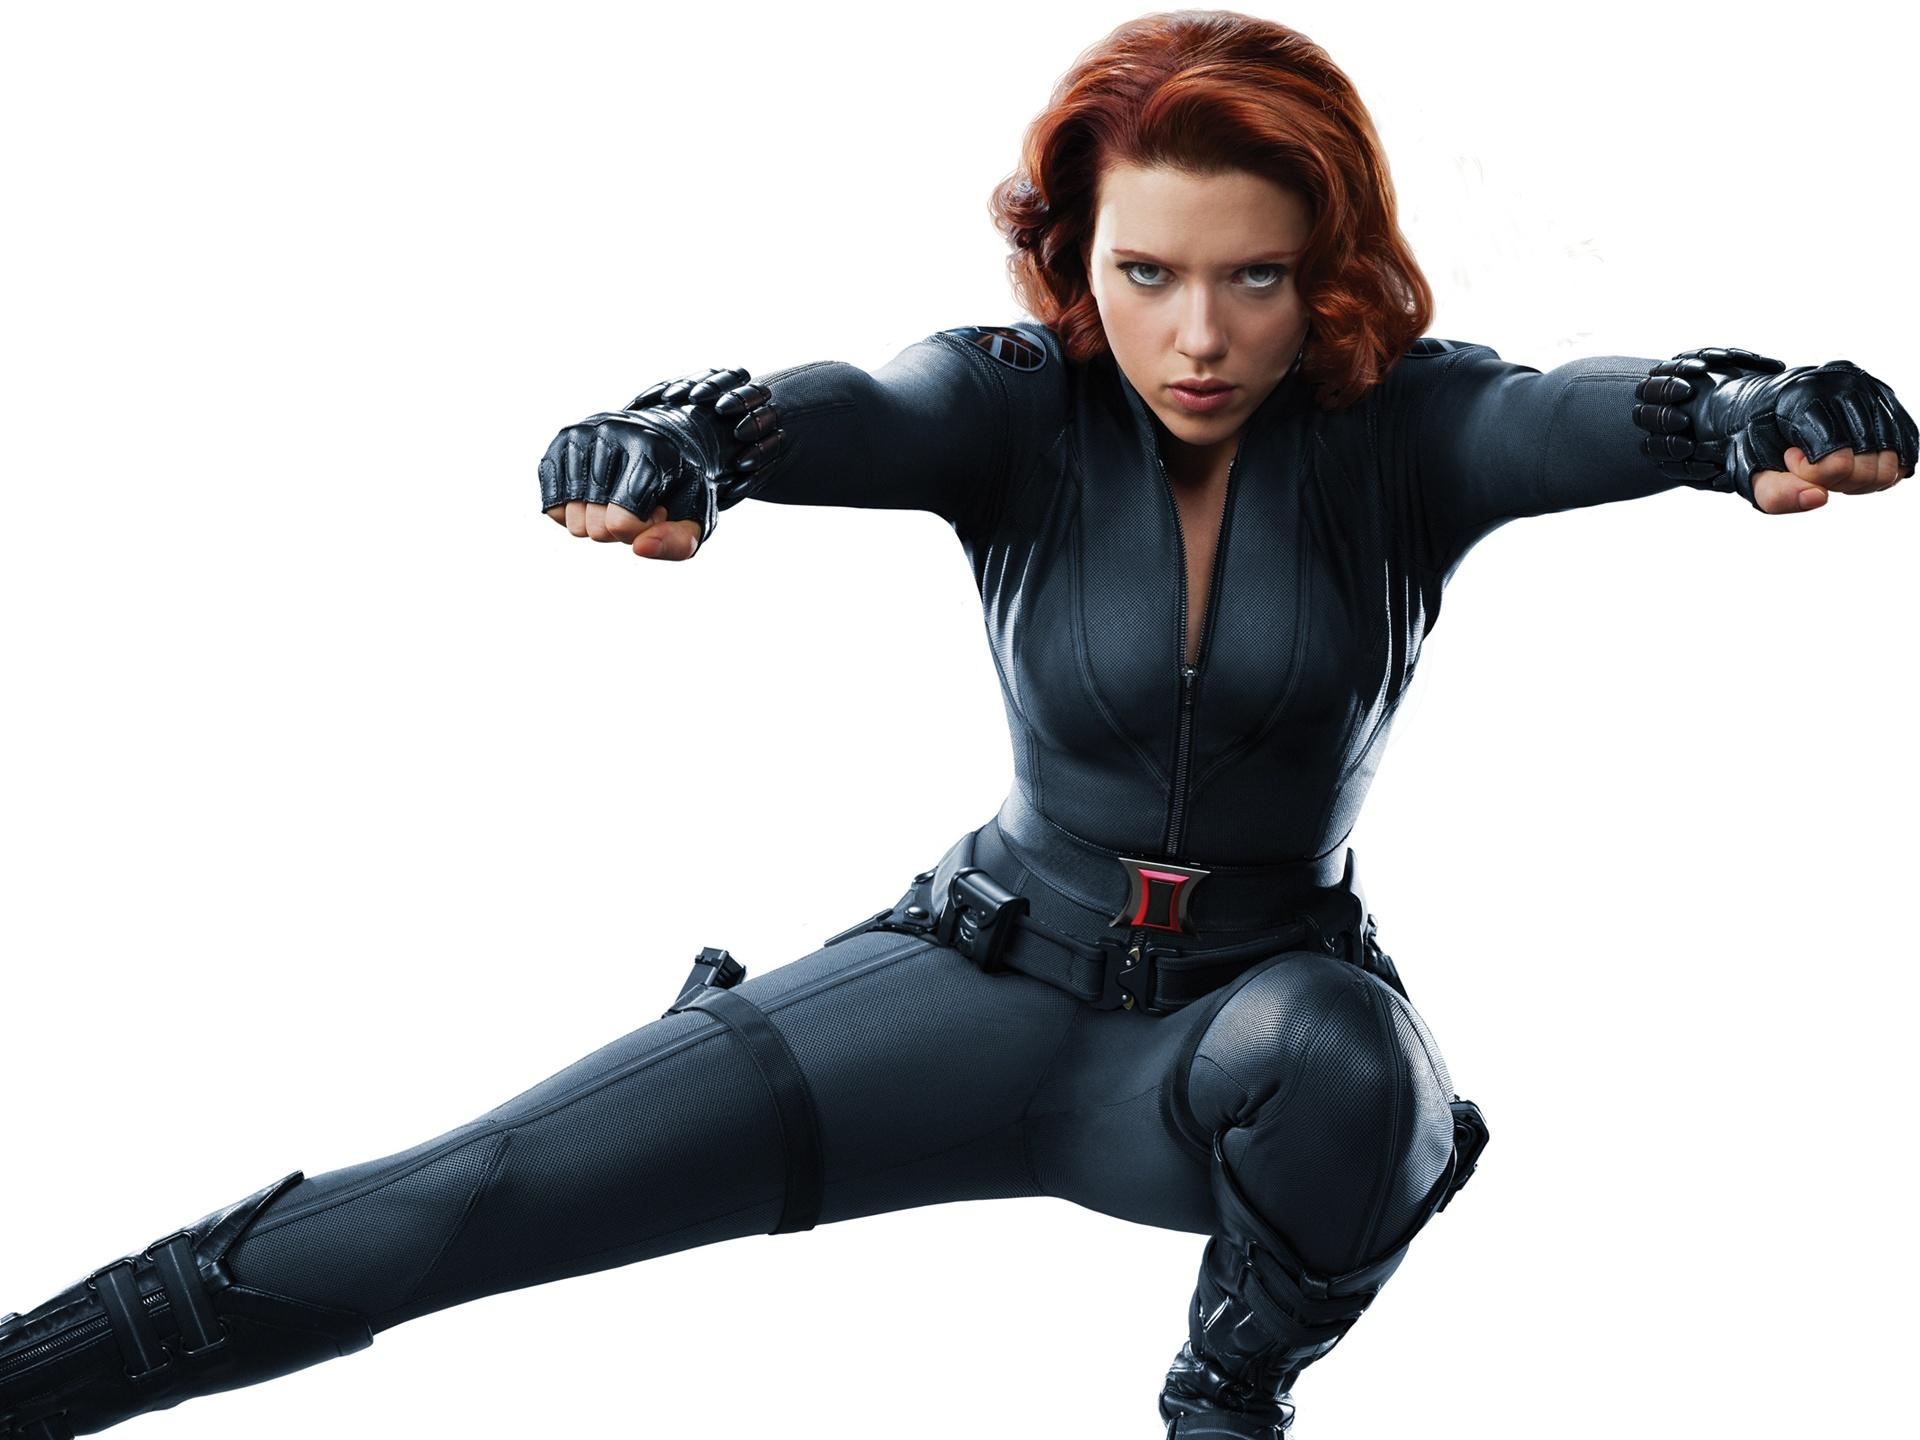 Scarlett-Johansson-in-The-Avengers-2012_1920x1440.jpg Scarlett Johansson